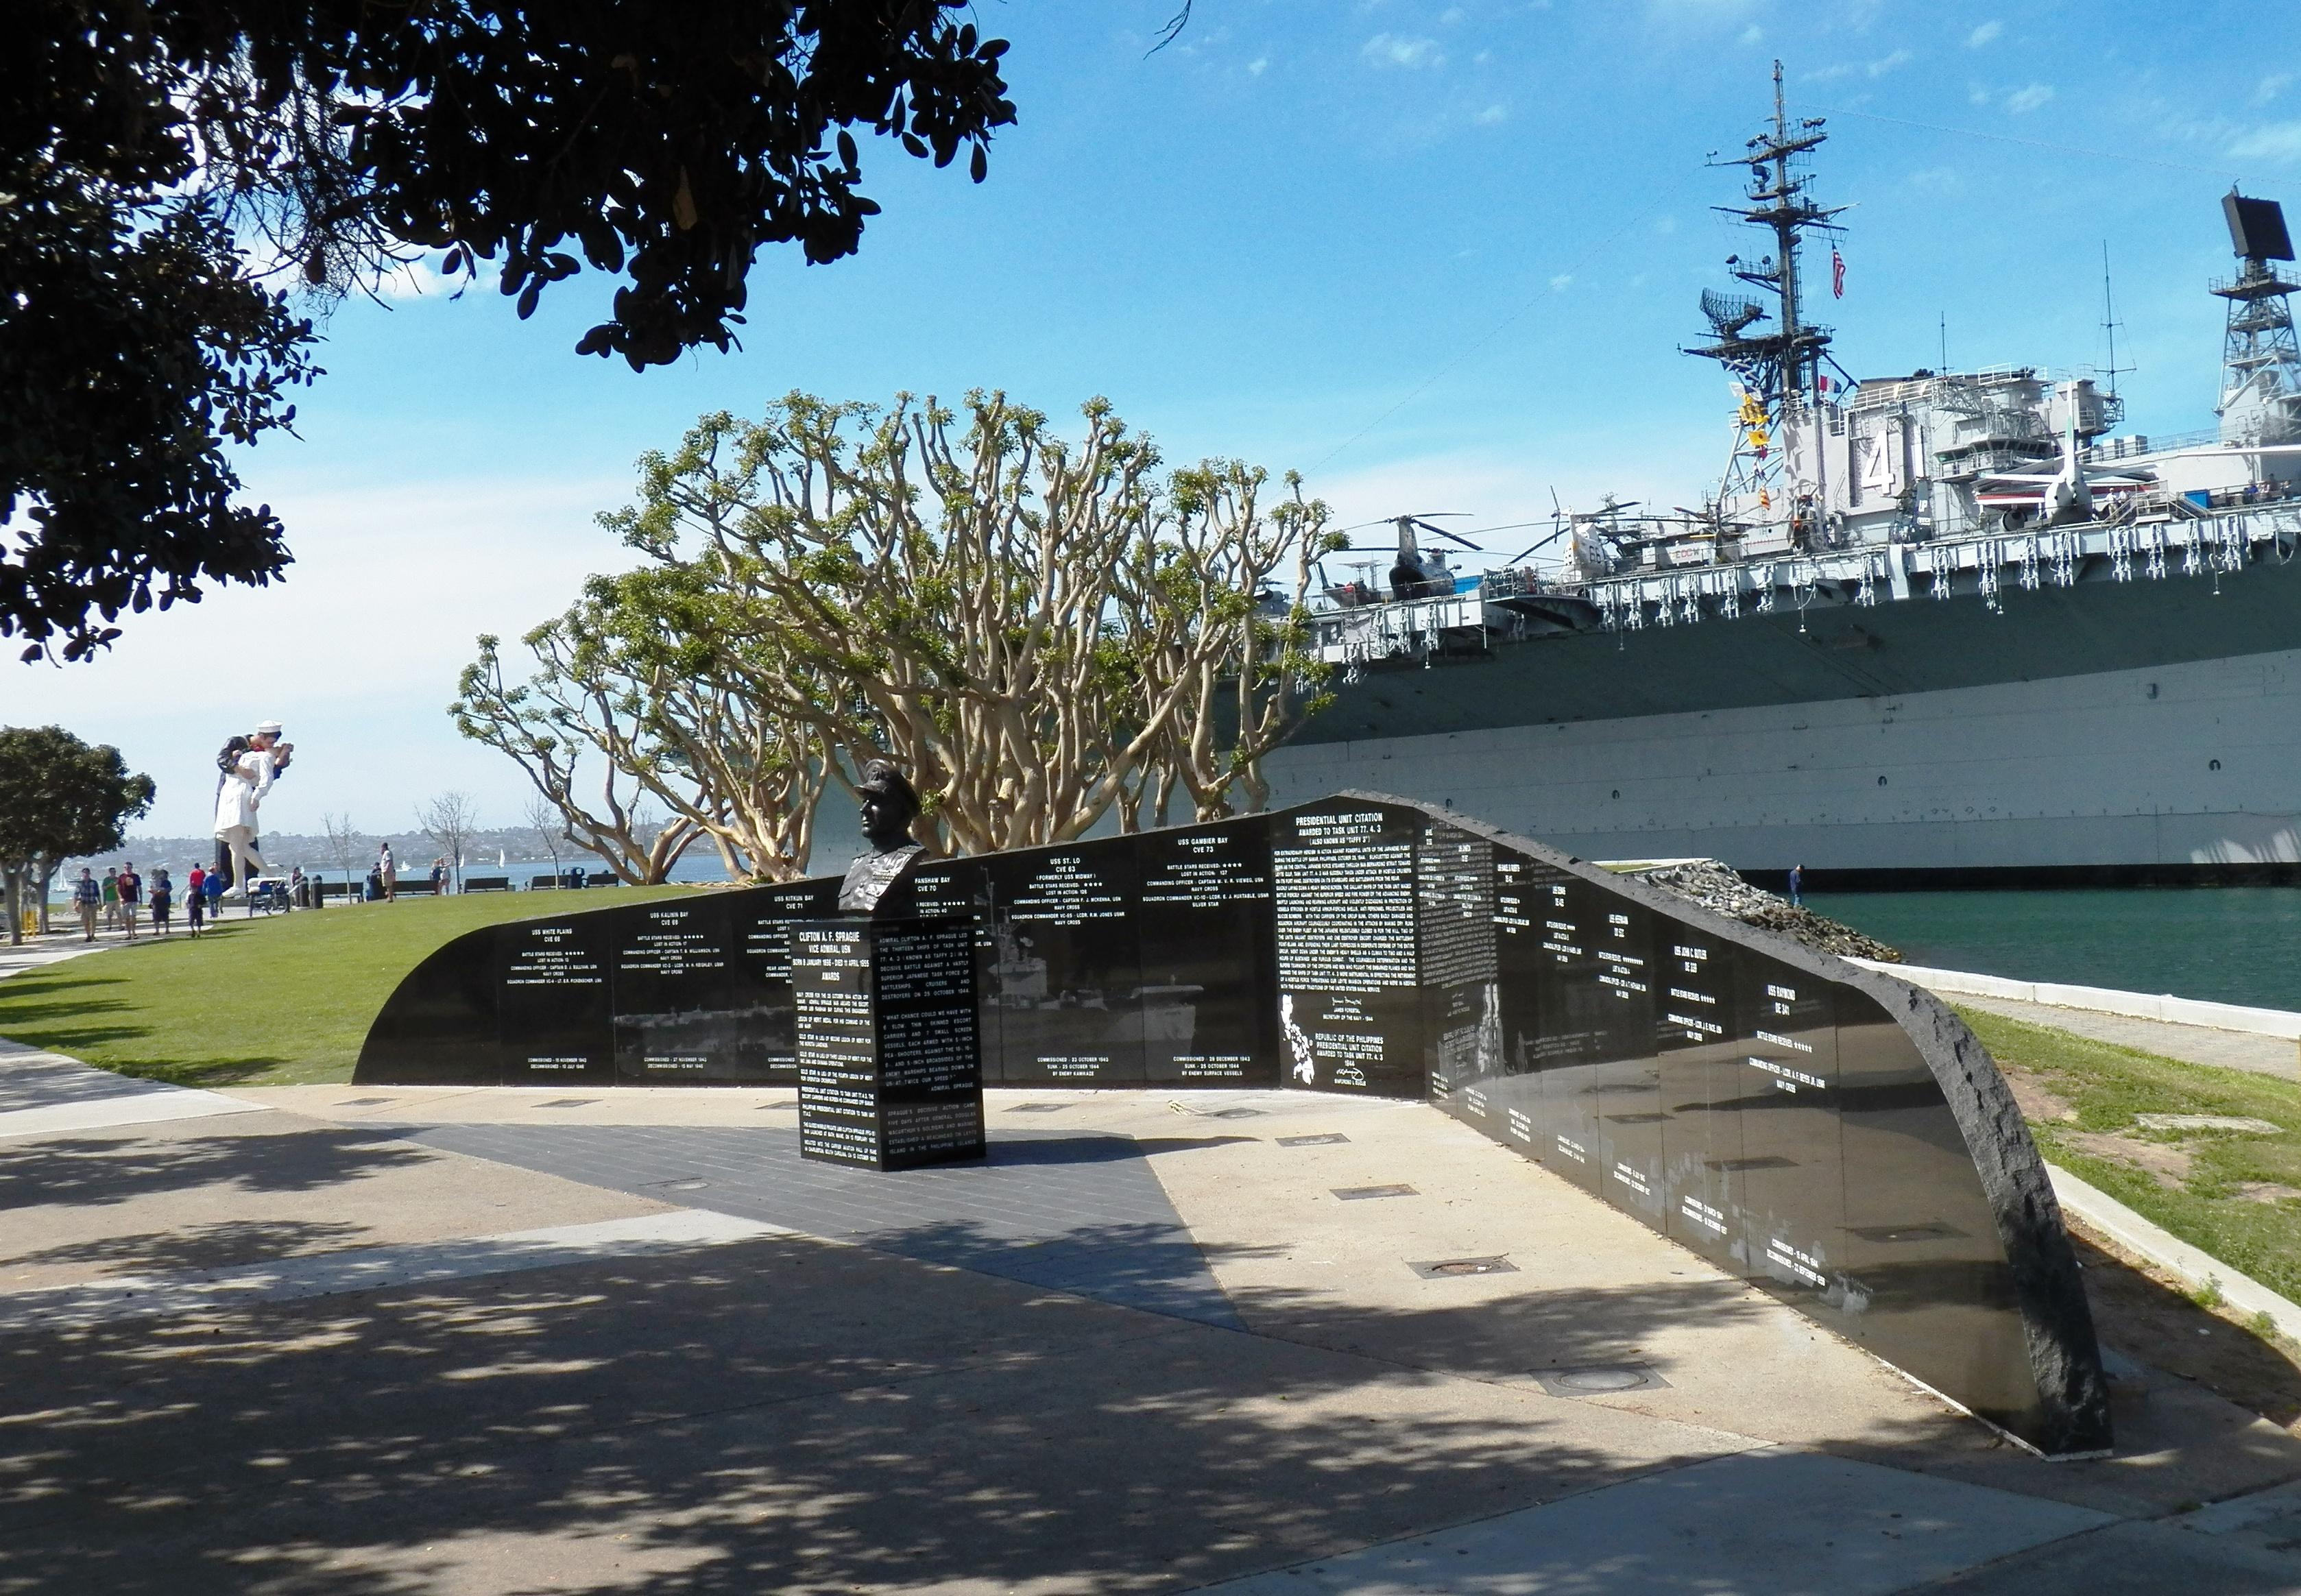 World War II memorial displays awaiting display of the Vietnam Veterans Memorial replica.